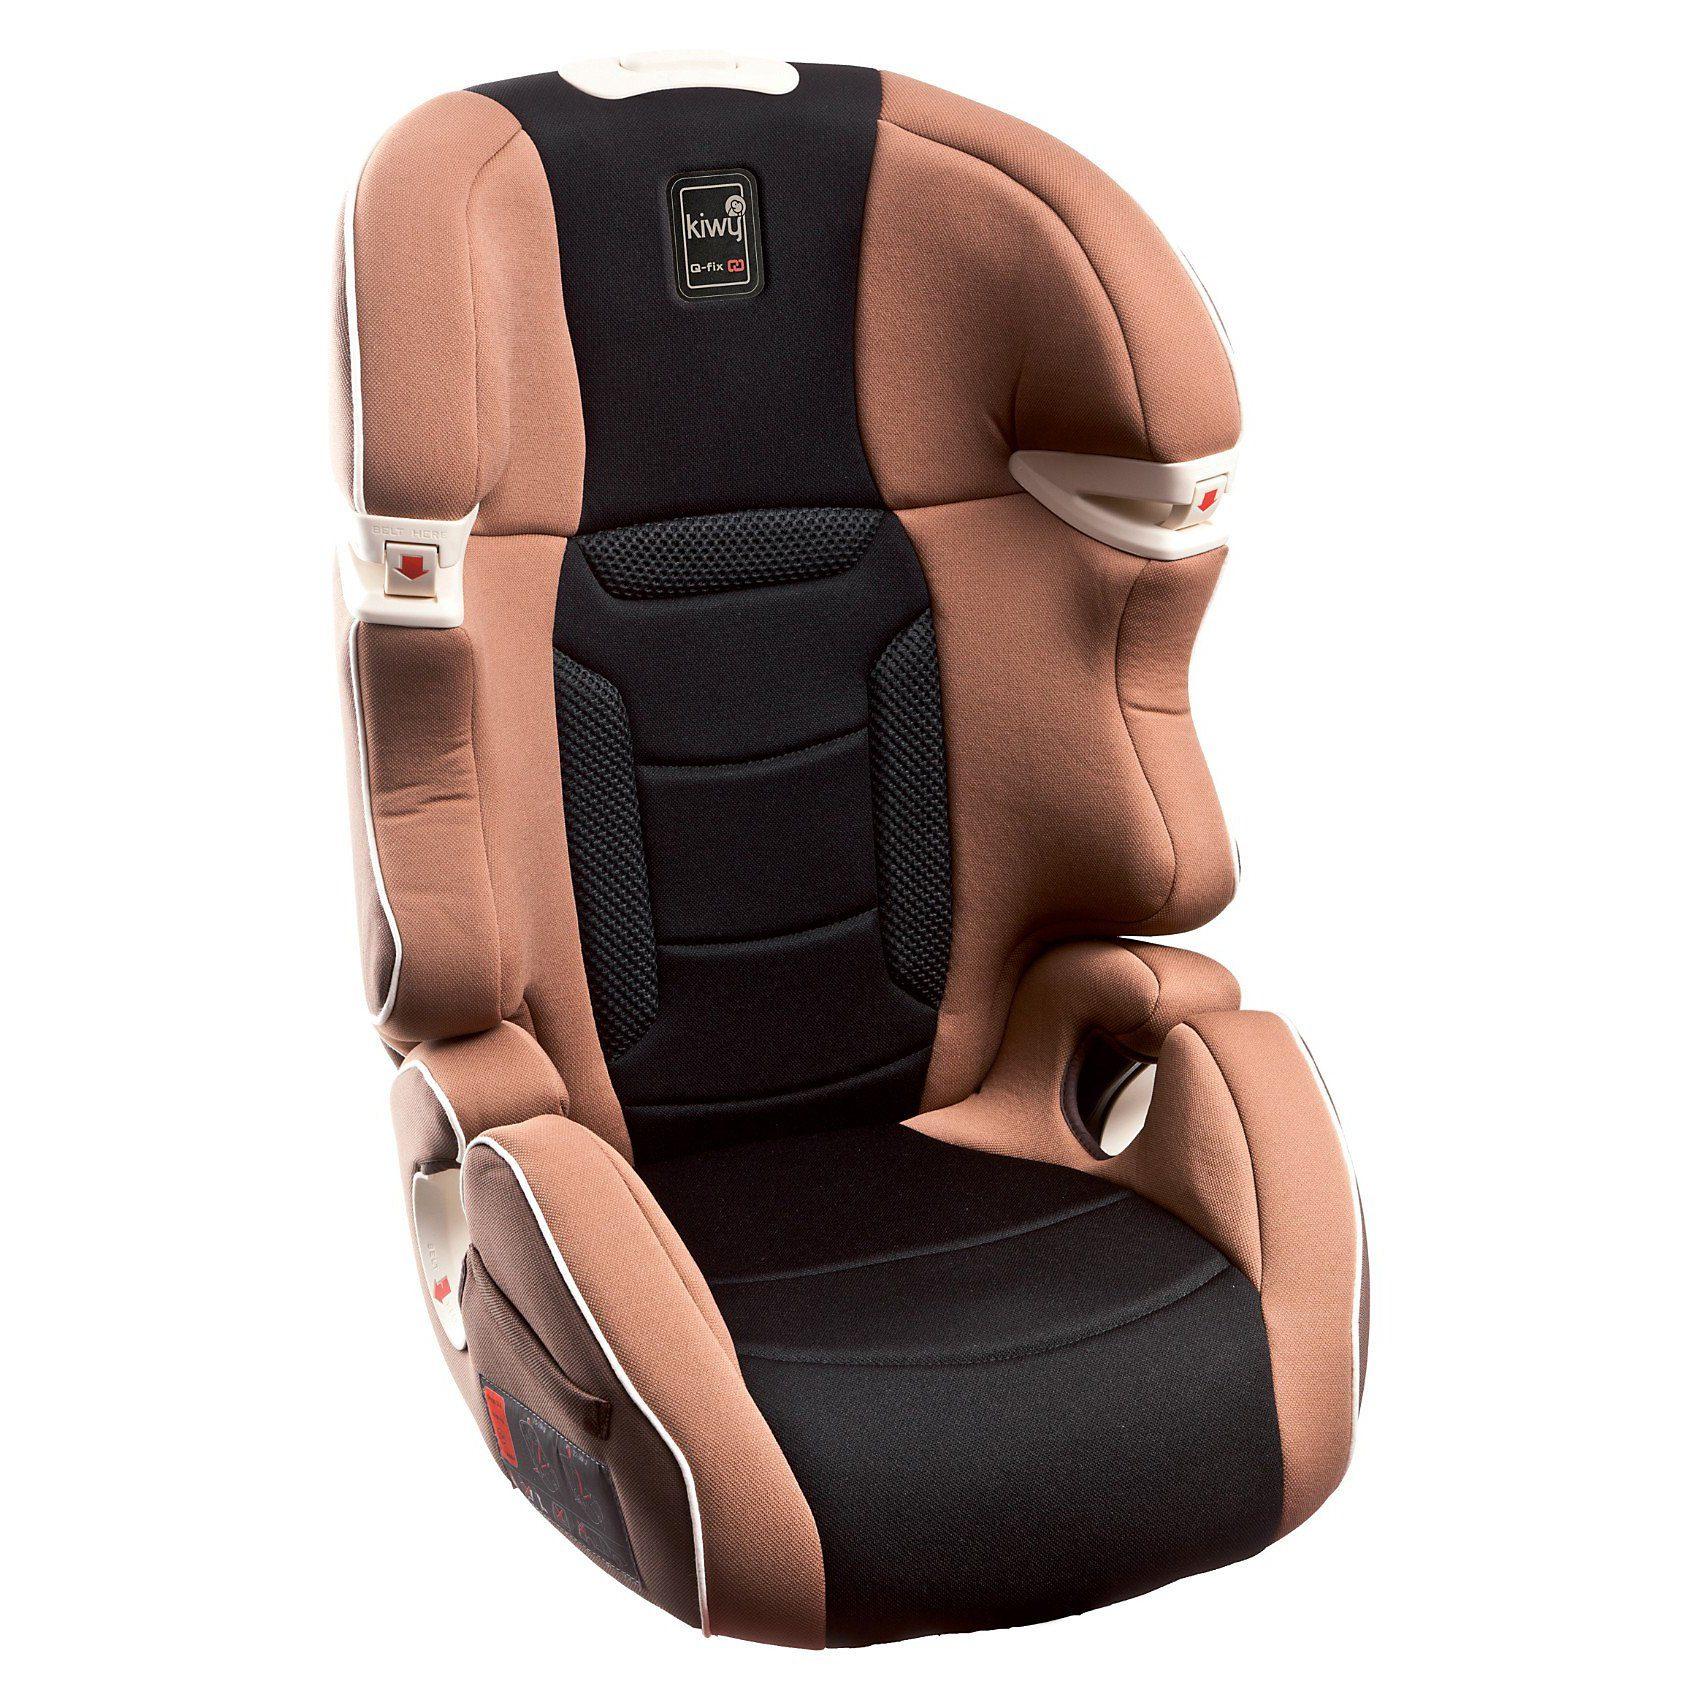 Kiwy Auto-Kindersitz SLF23 Q-Fix, Moka, 2017